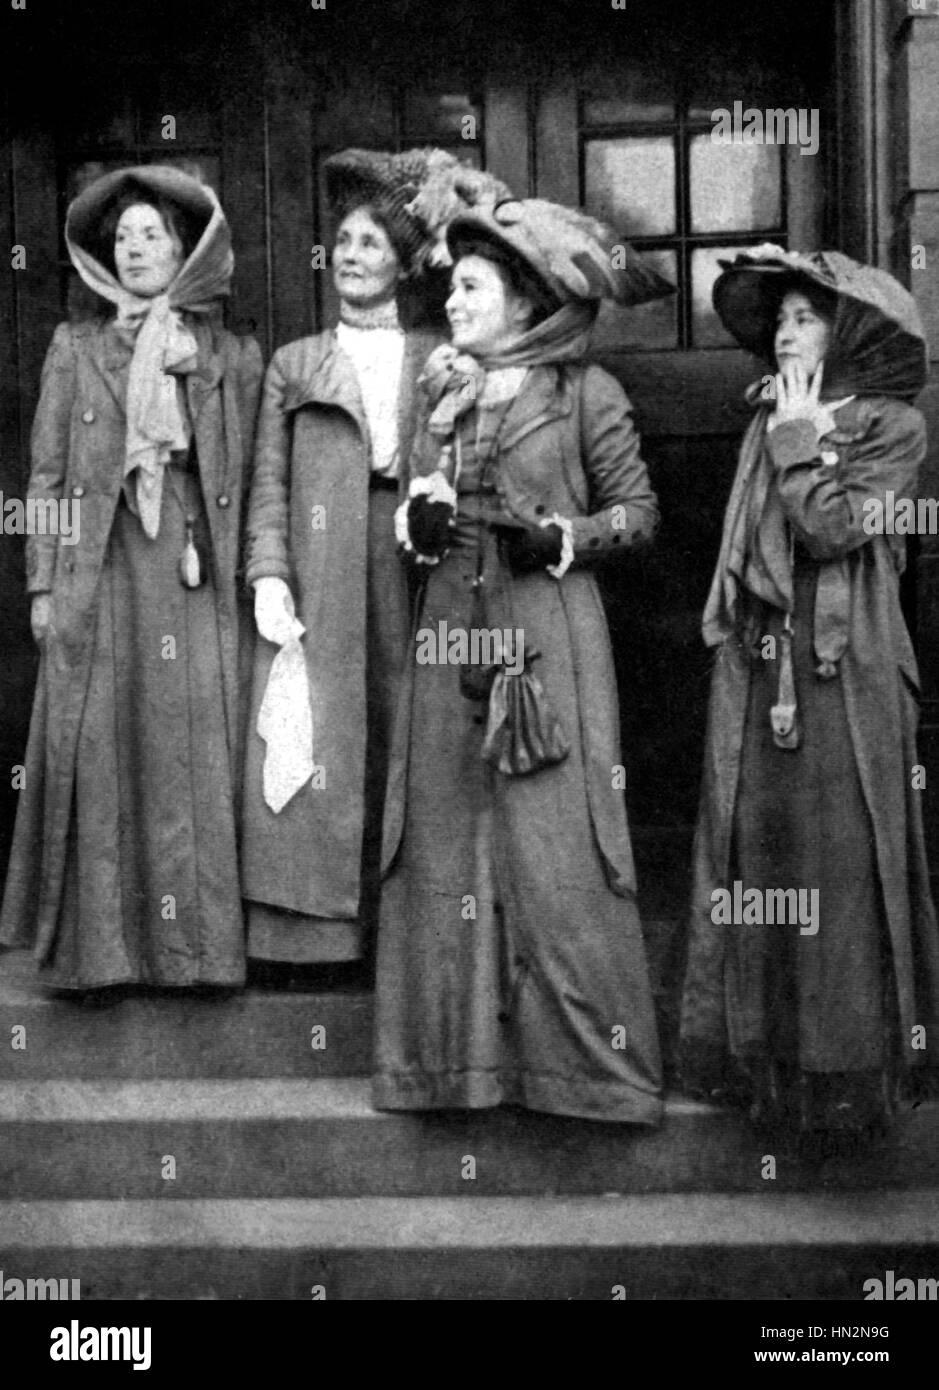 Principaux leaders de l'sufragettes. De gauche à droite: Sylvain Pankhurst, Mme Pankhurst, Pethick Lawrence, Adela Pankhurst. Début du 20e siècle Banque D'Images